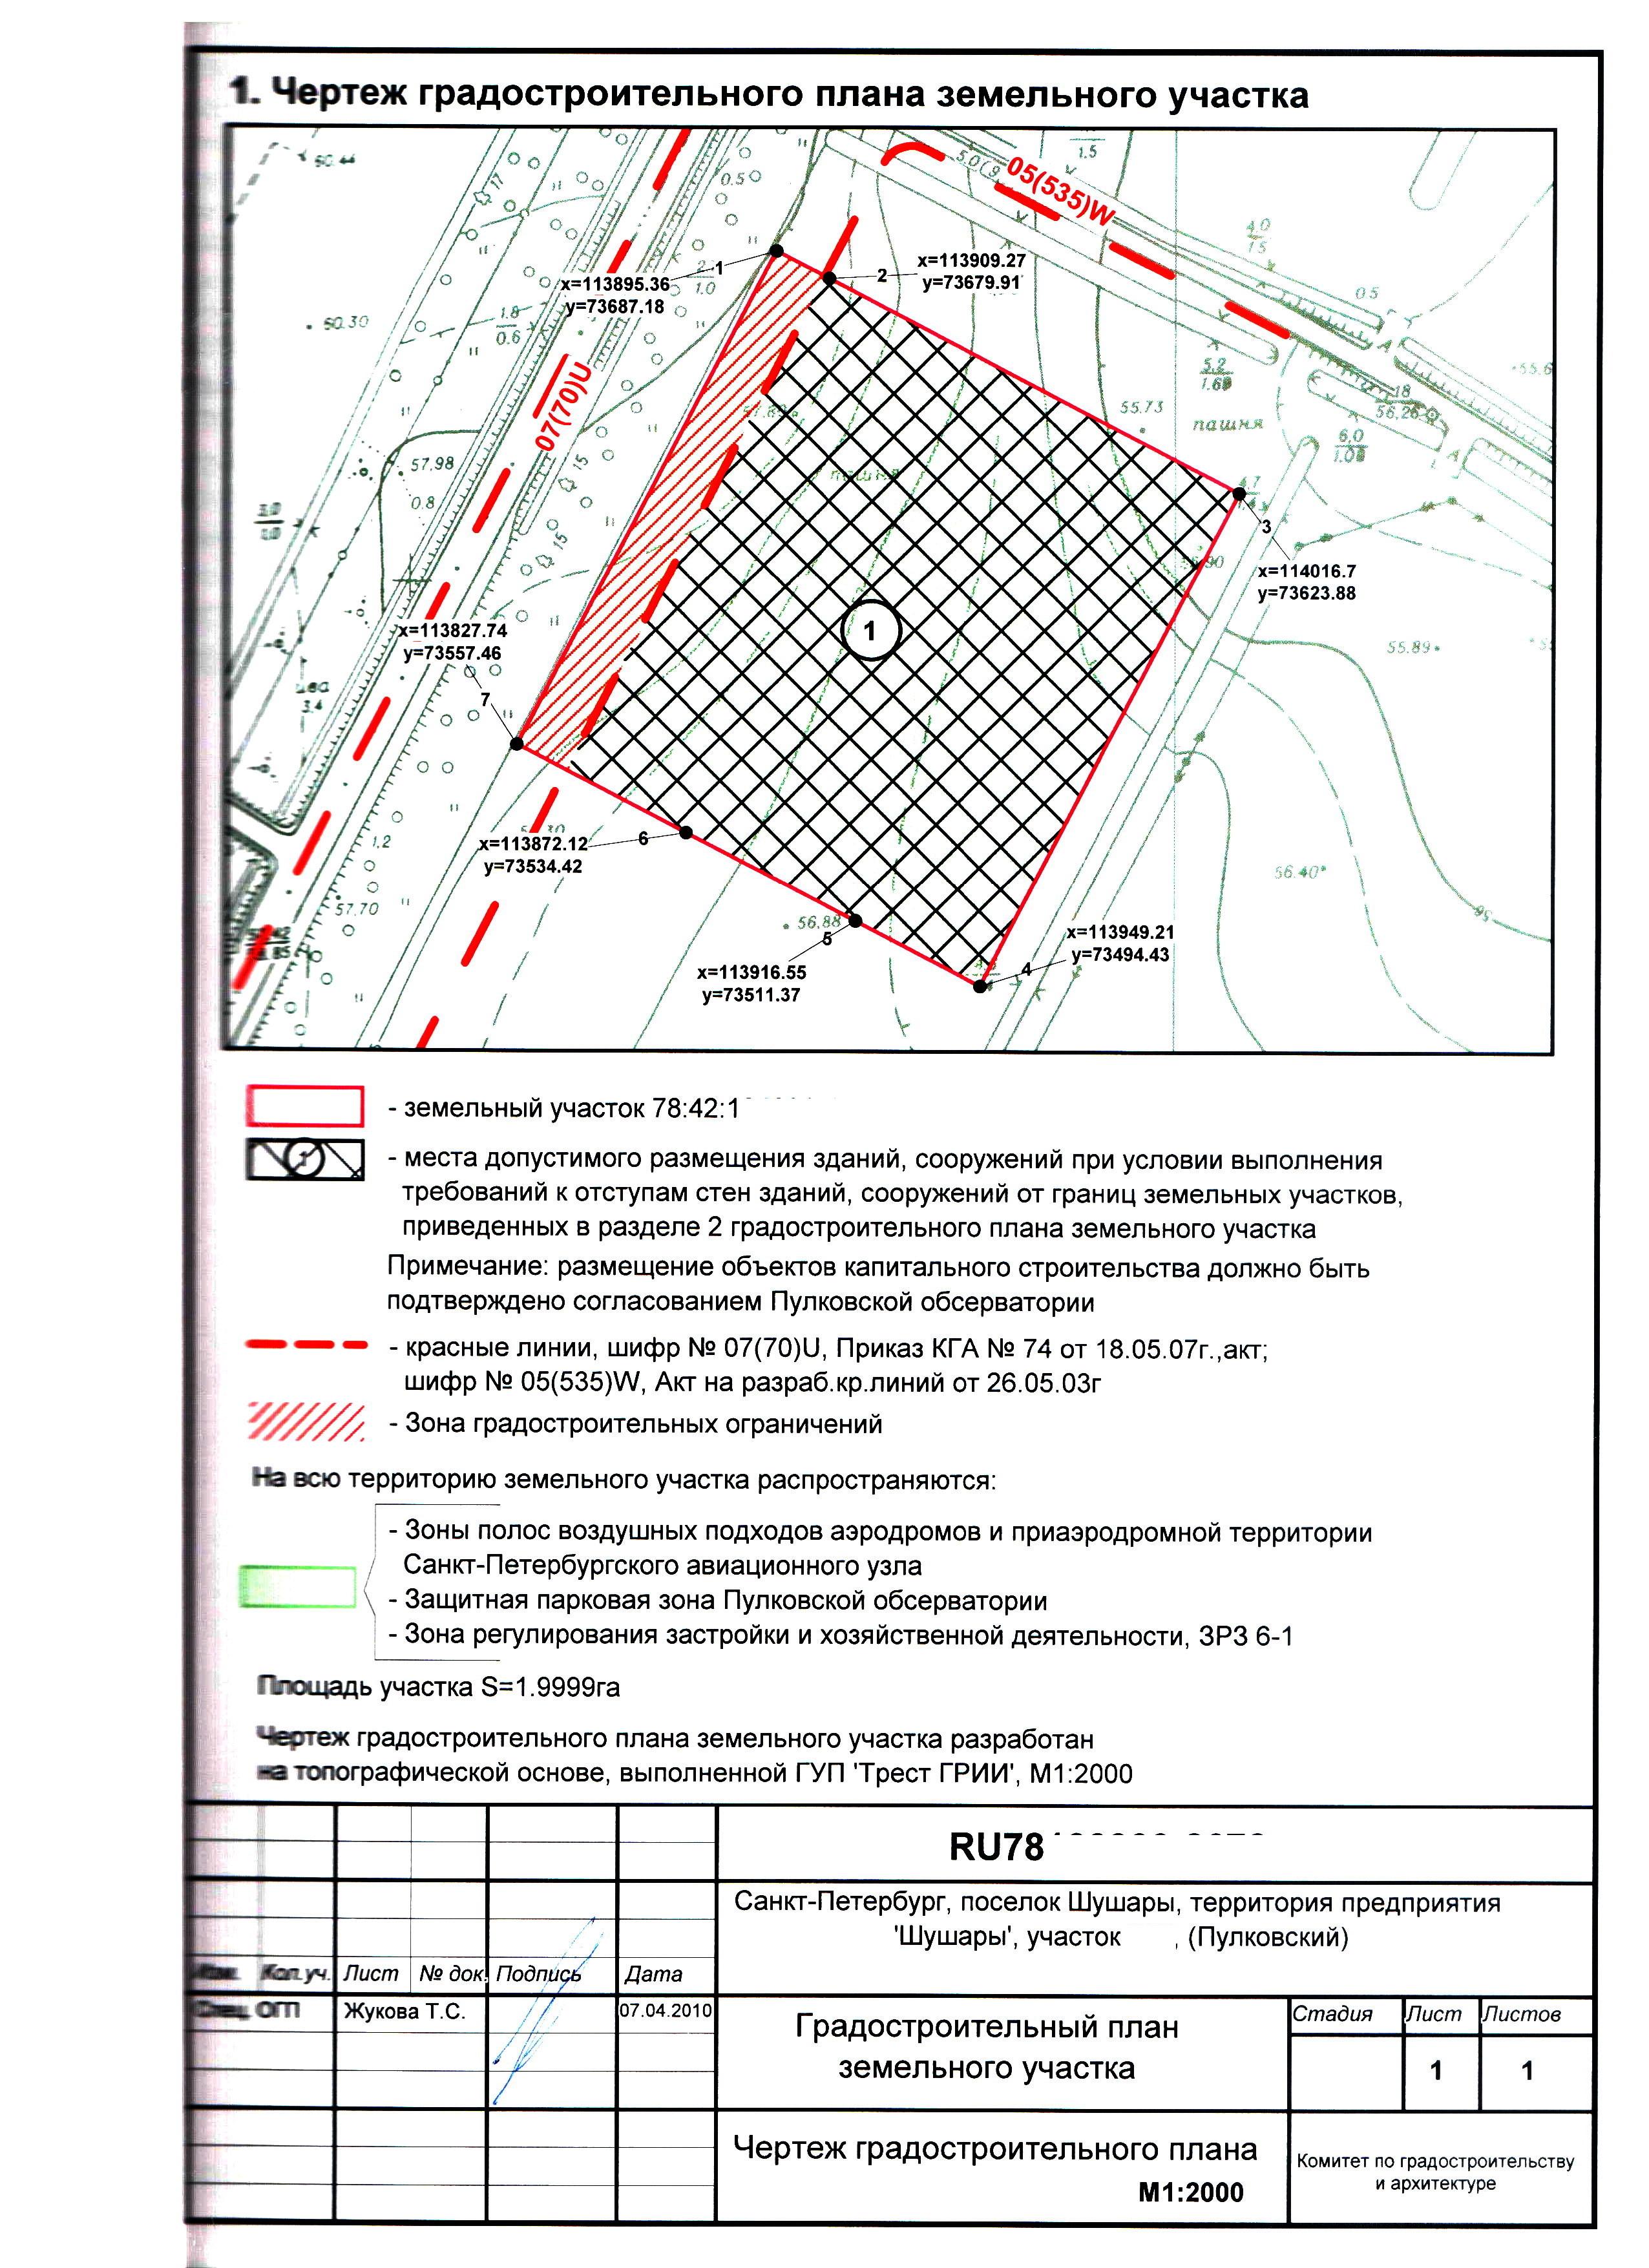 Градостроительный план земельного участка 2020